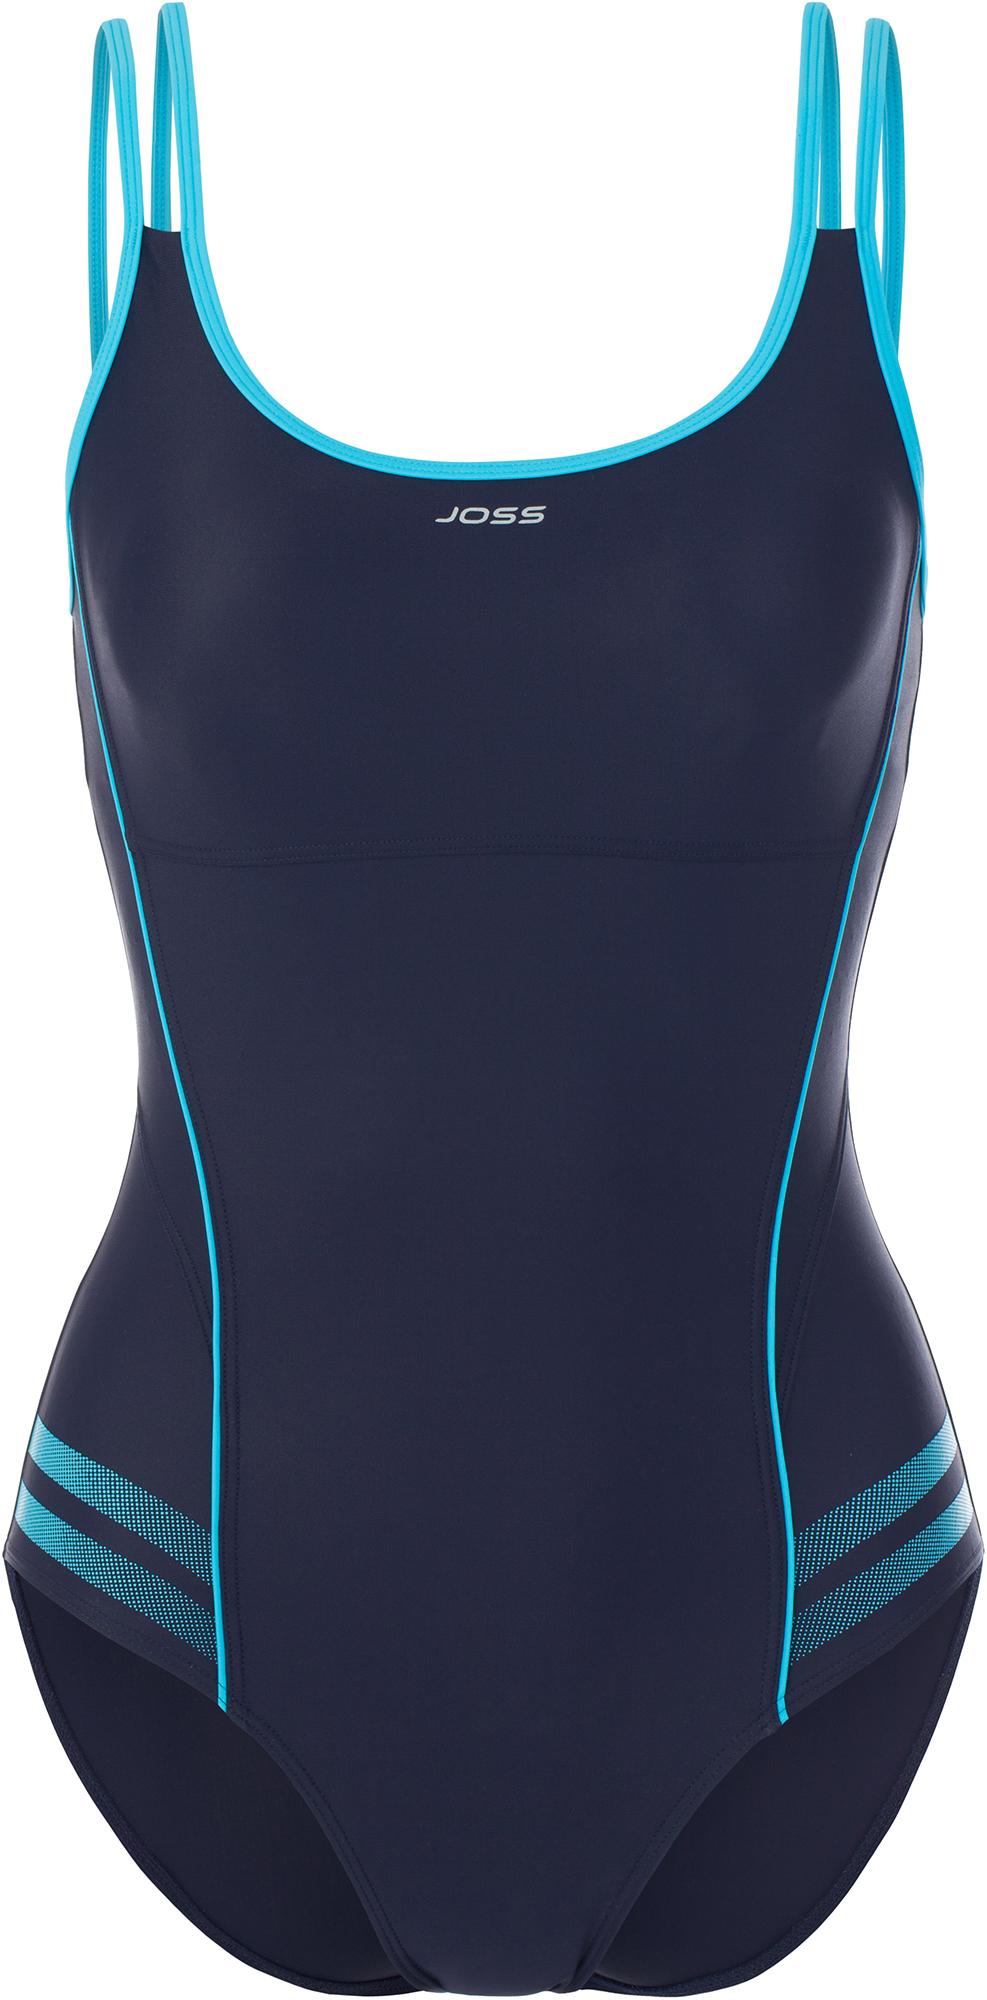 Joss Купальник женский Joss, размер 42 купальник раздельный женский grishko море волна цвет разноцветный pa 1372 2 размер 48c 75c